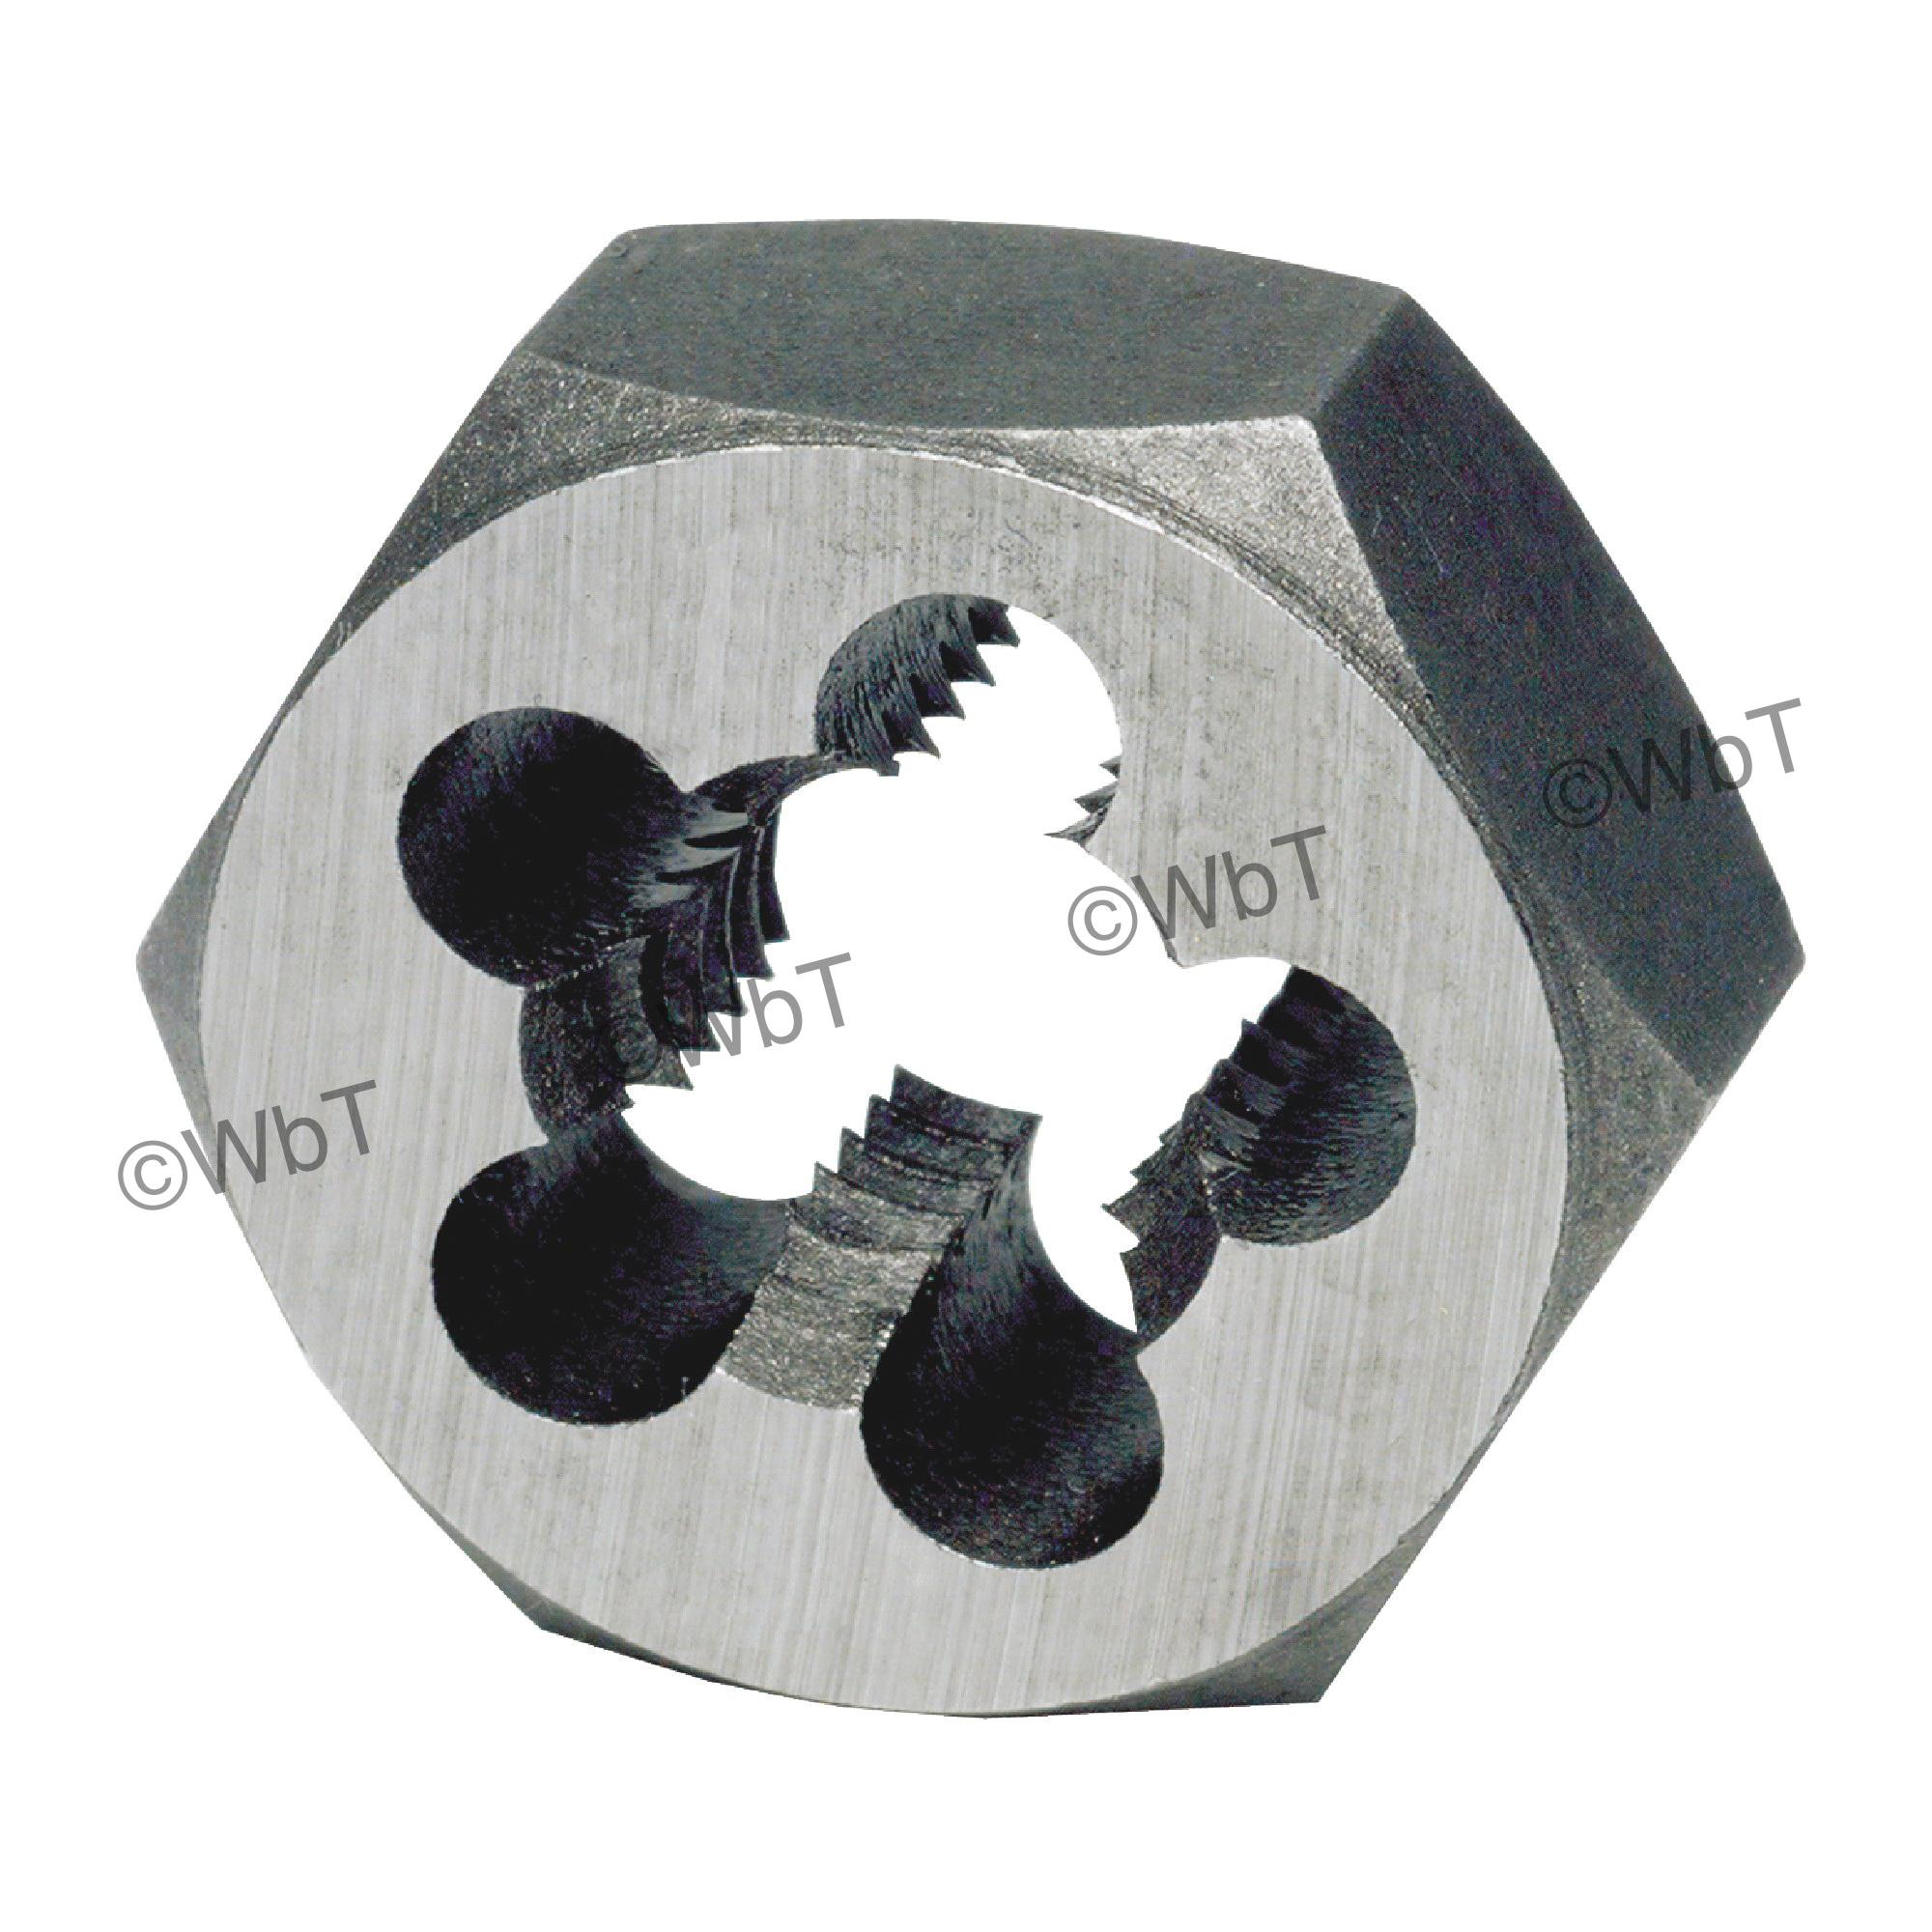 TTC 15-509-180 G5 Hex Rethreading Die, 9/16-18 Thread, Carbon Steel